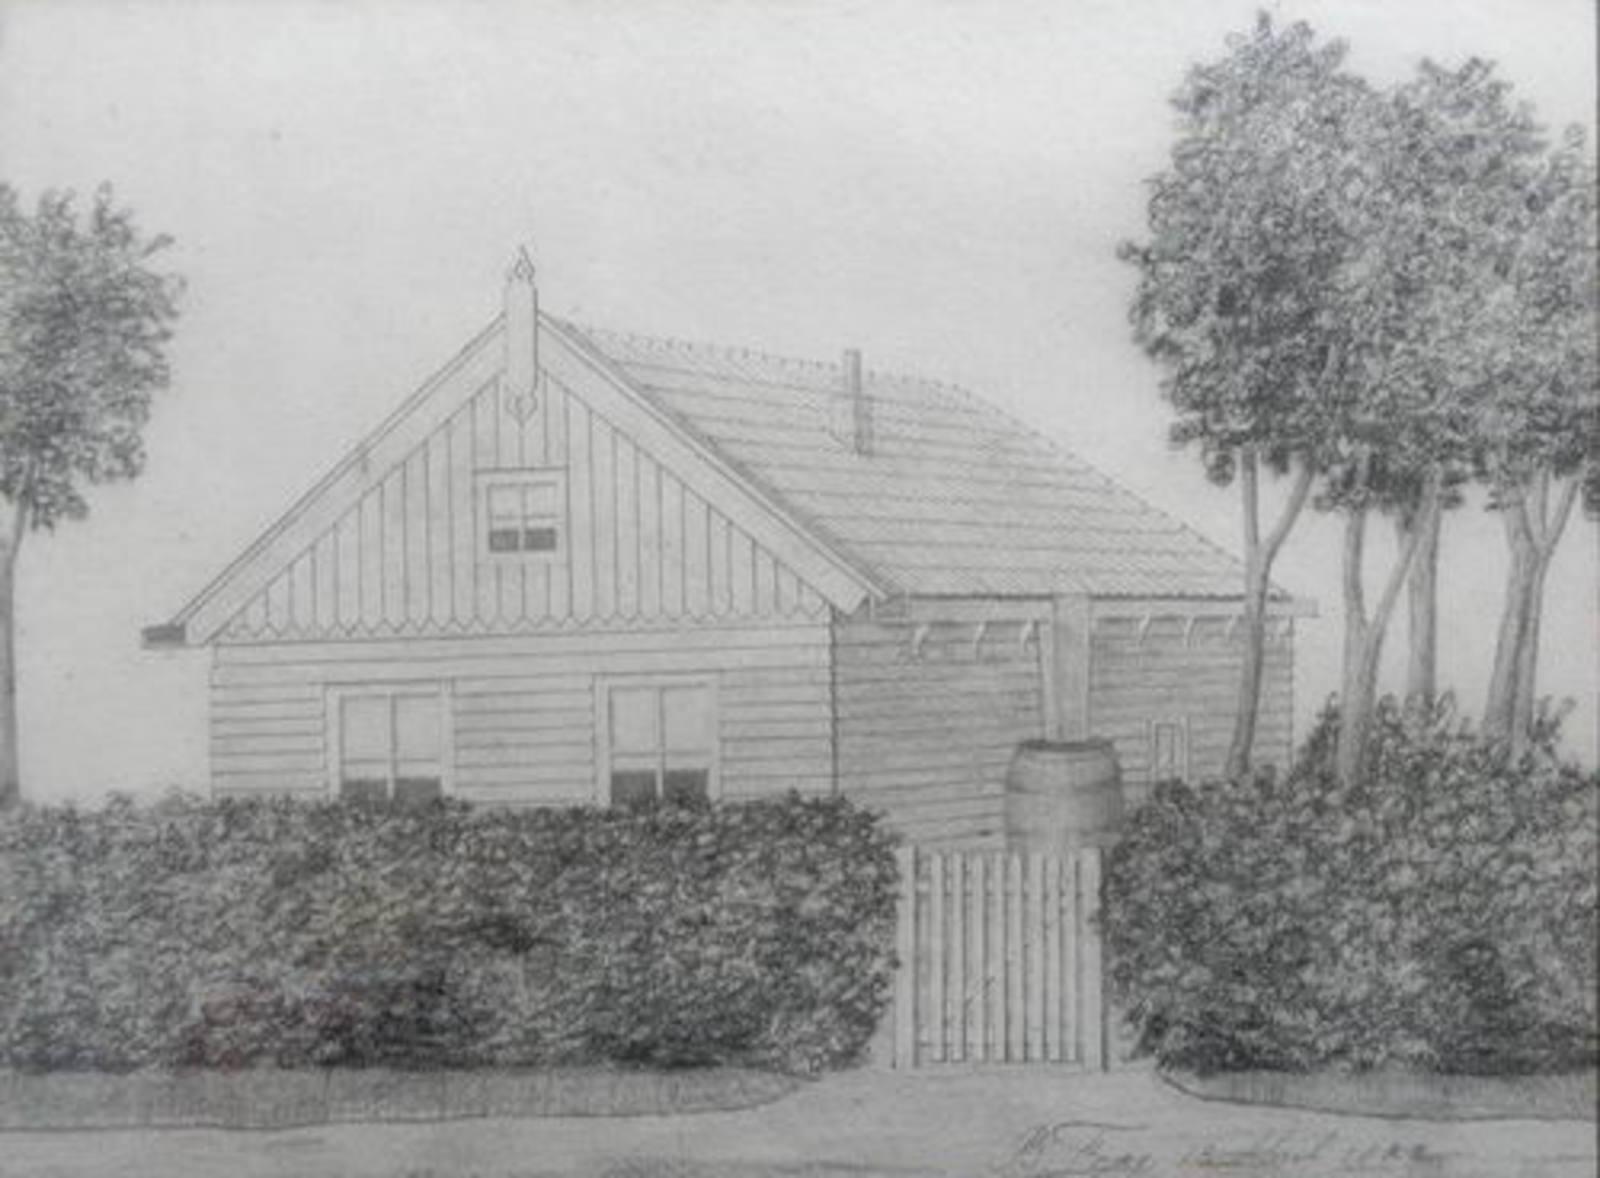 Dennenlaan W 0065 19__ Schilderij Huize Karstens 02